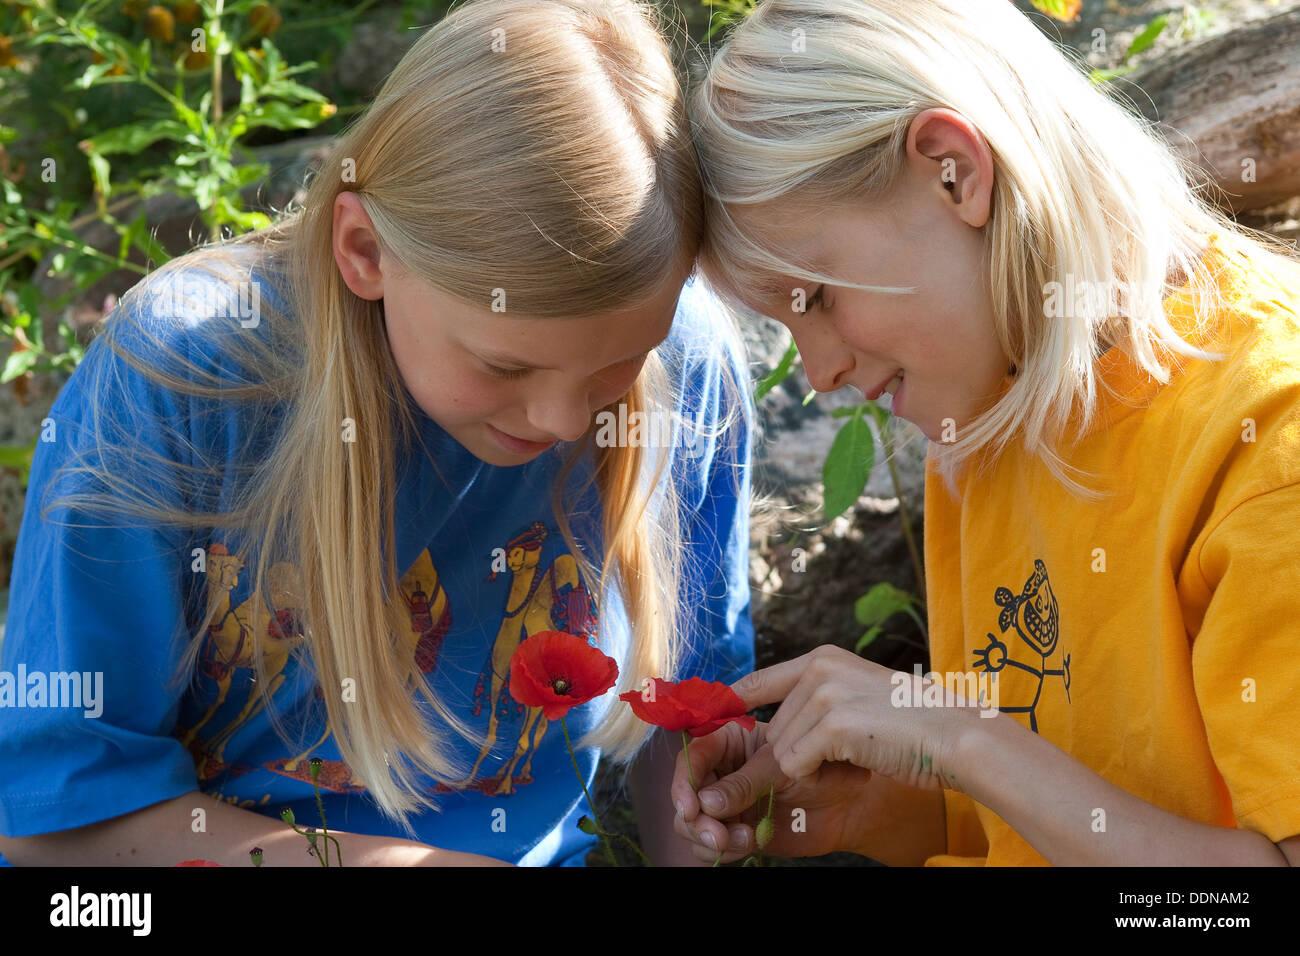 Children look at flowers, poppy, Kinder, Geschwister betrachten Blumen, Mohn, Klatschmohn, Papaver rhoeas - Stock Image